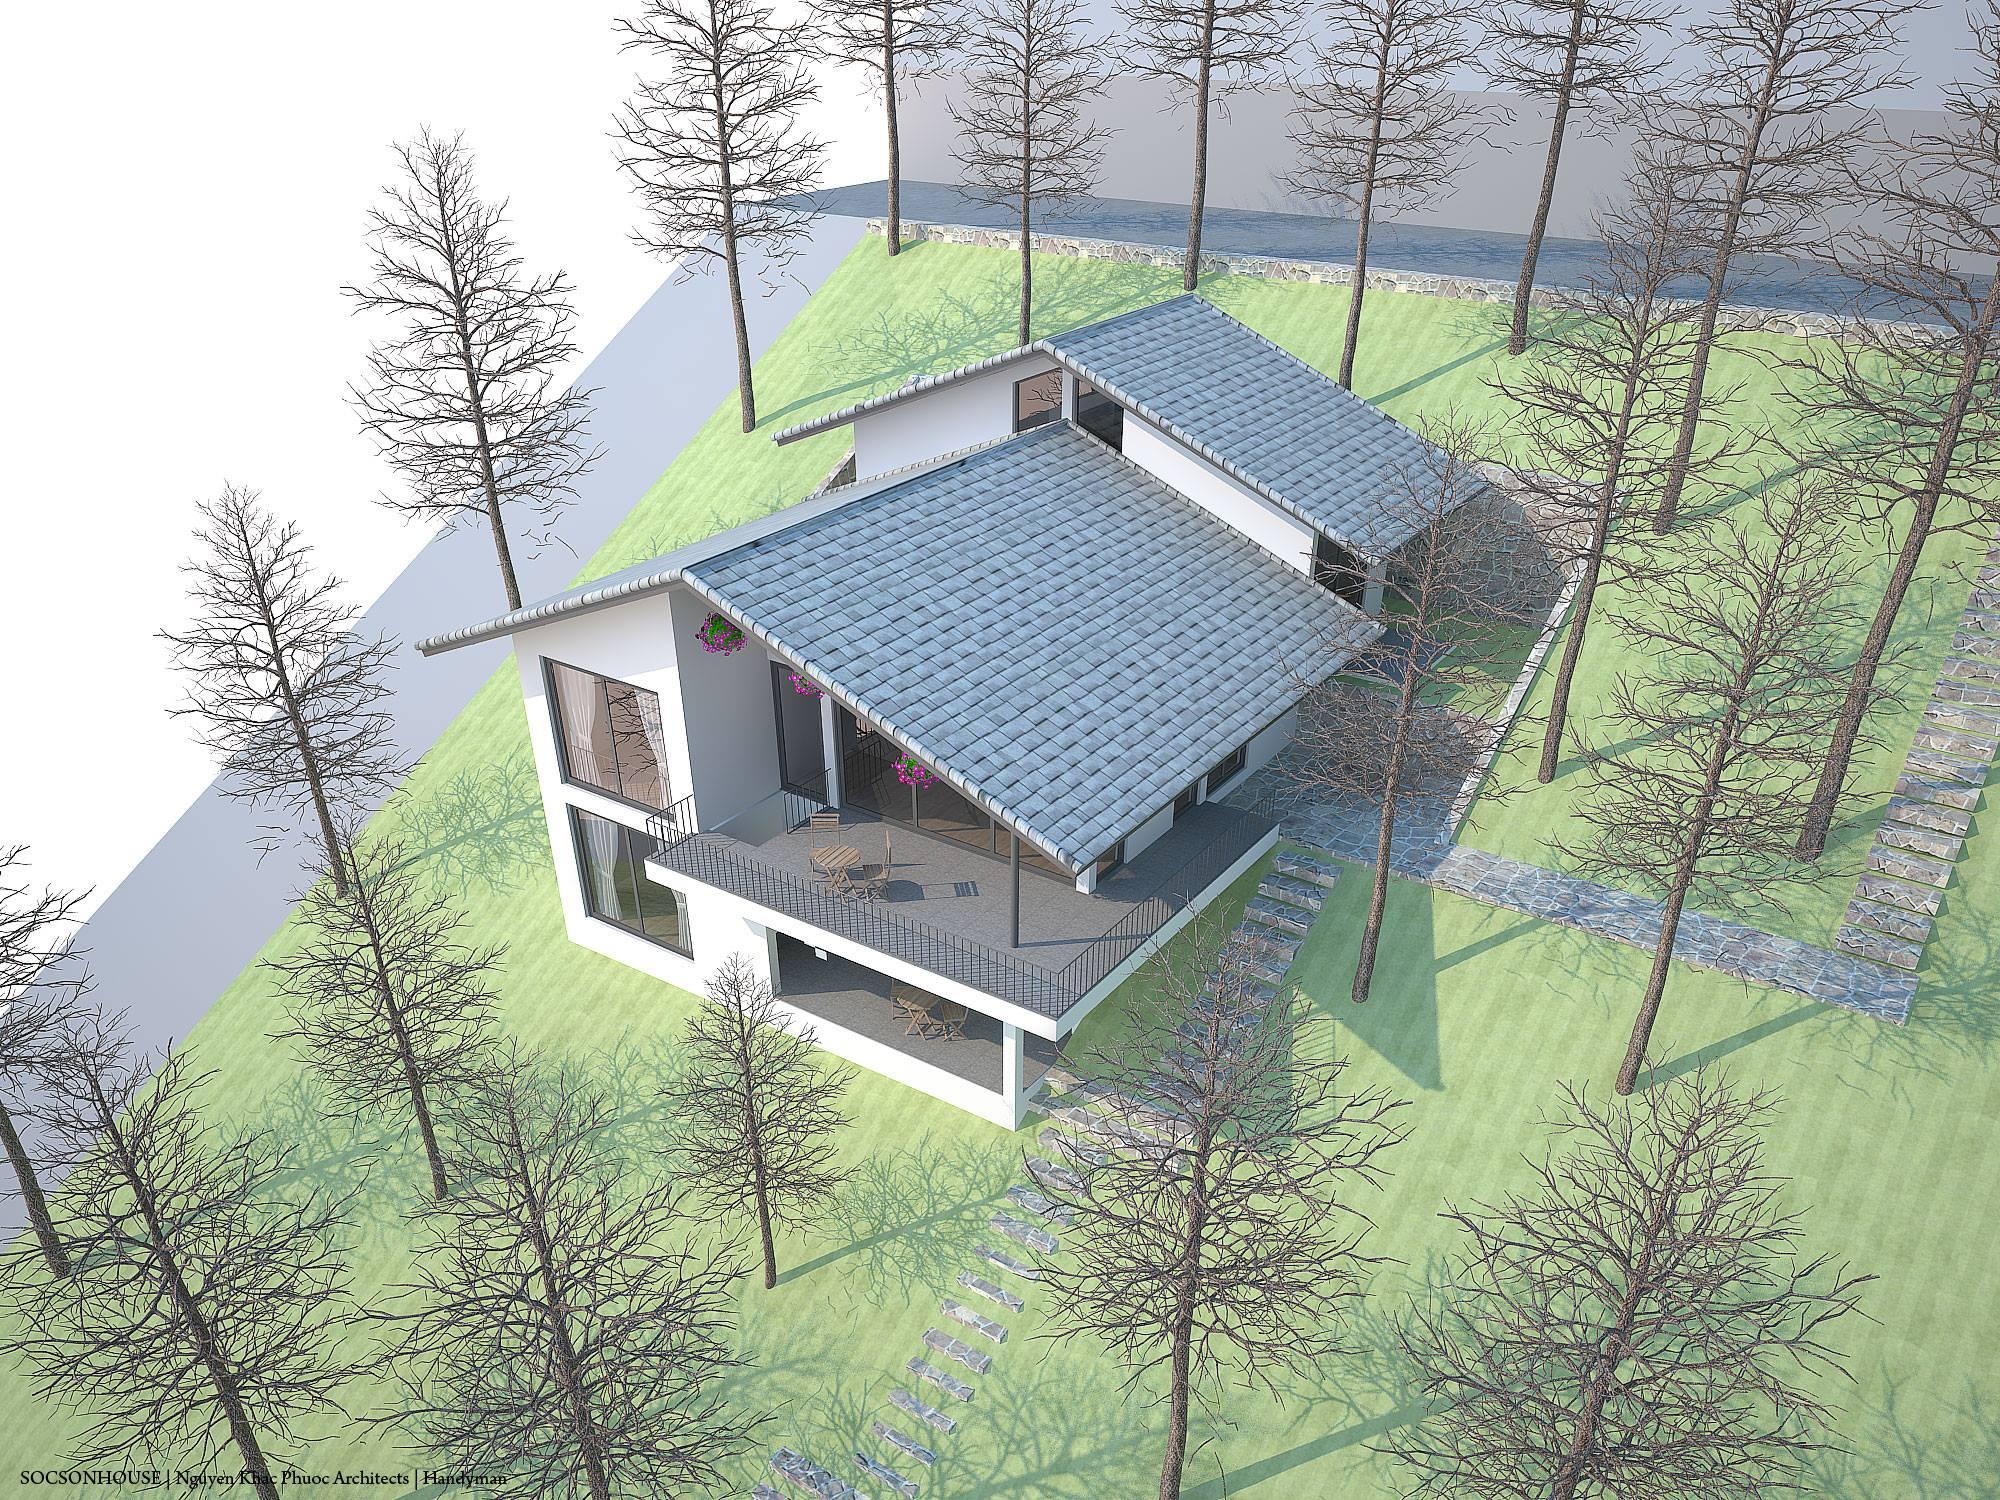 Thiết kế biệt thự đẹp mái chồng mái nằm lưng chừng núi ở Sóc Sơn - Nhà Đẹp Số (19)